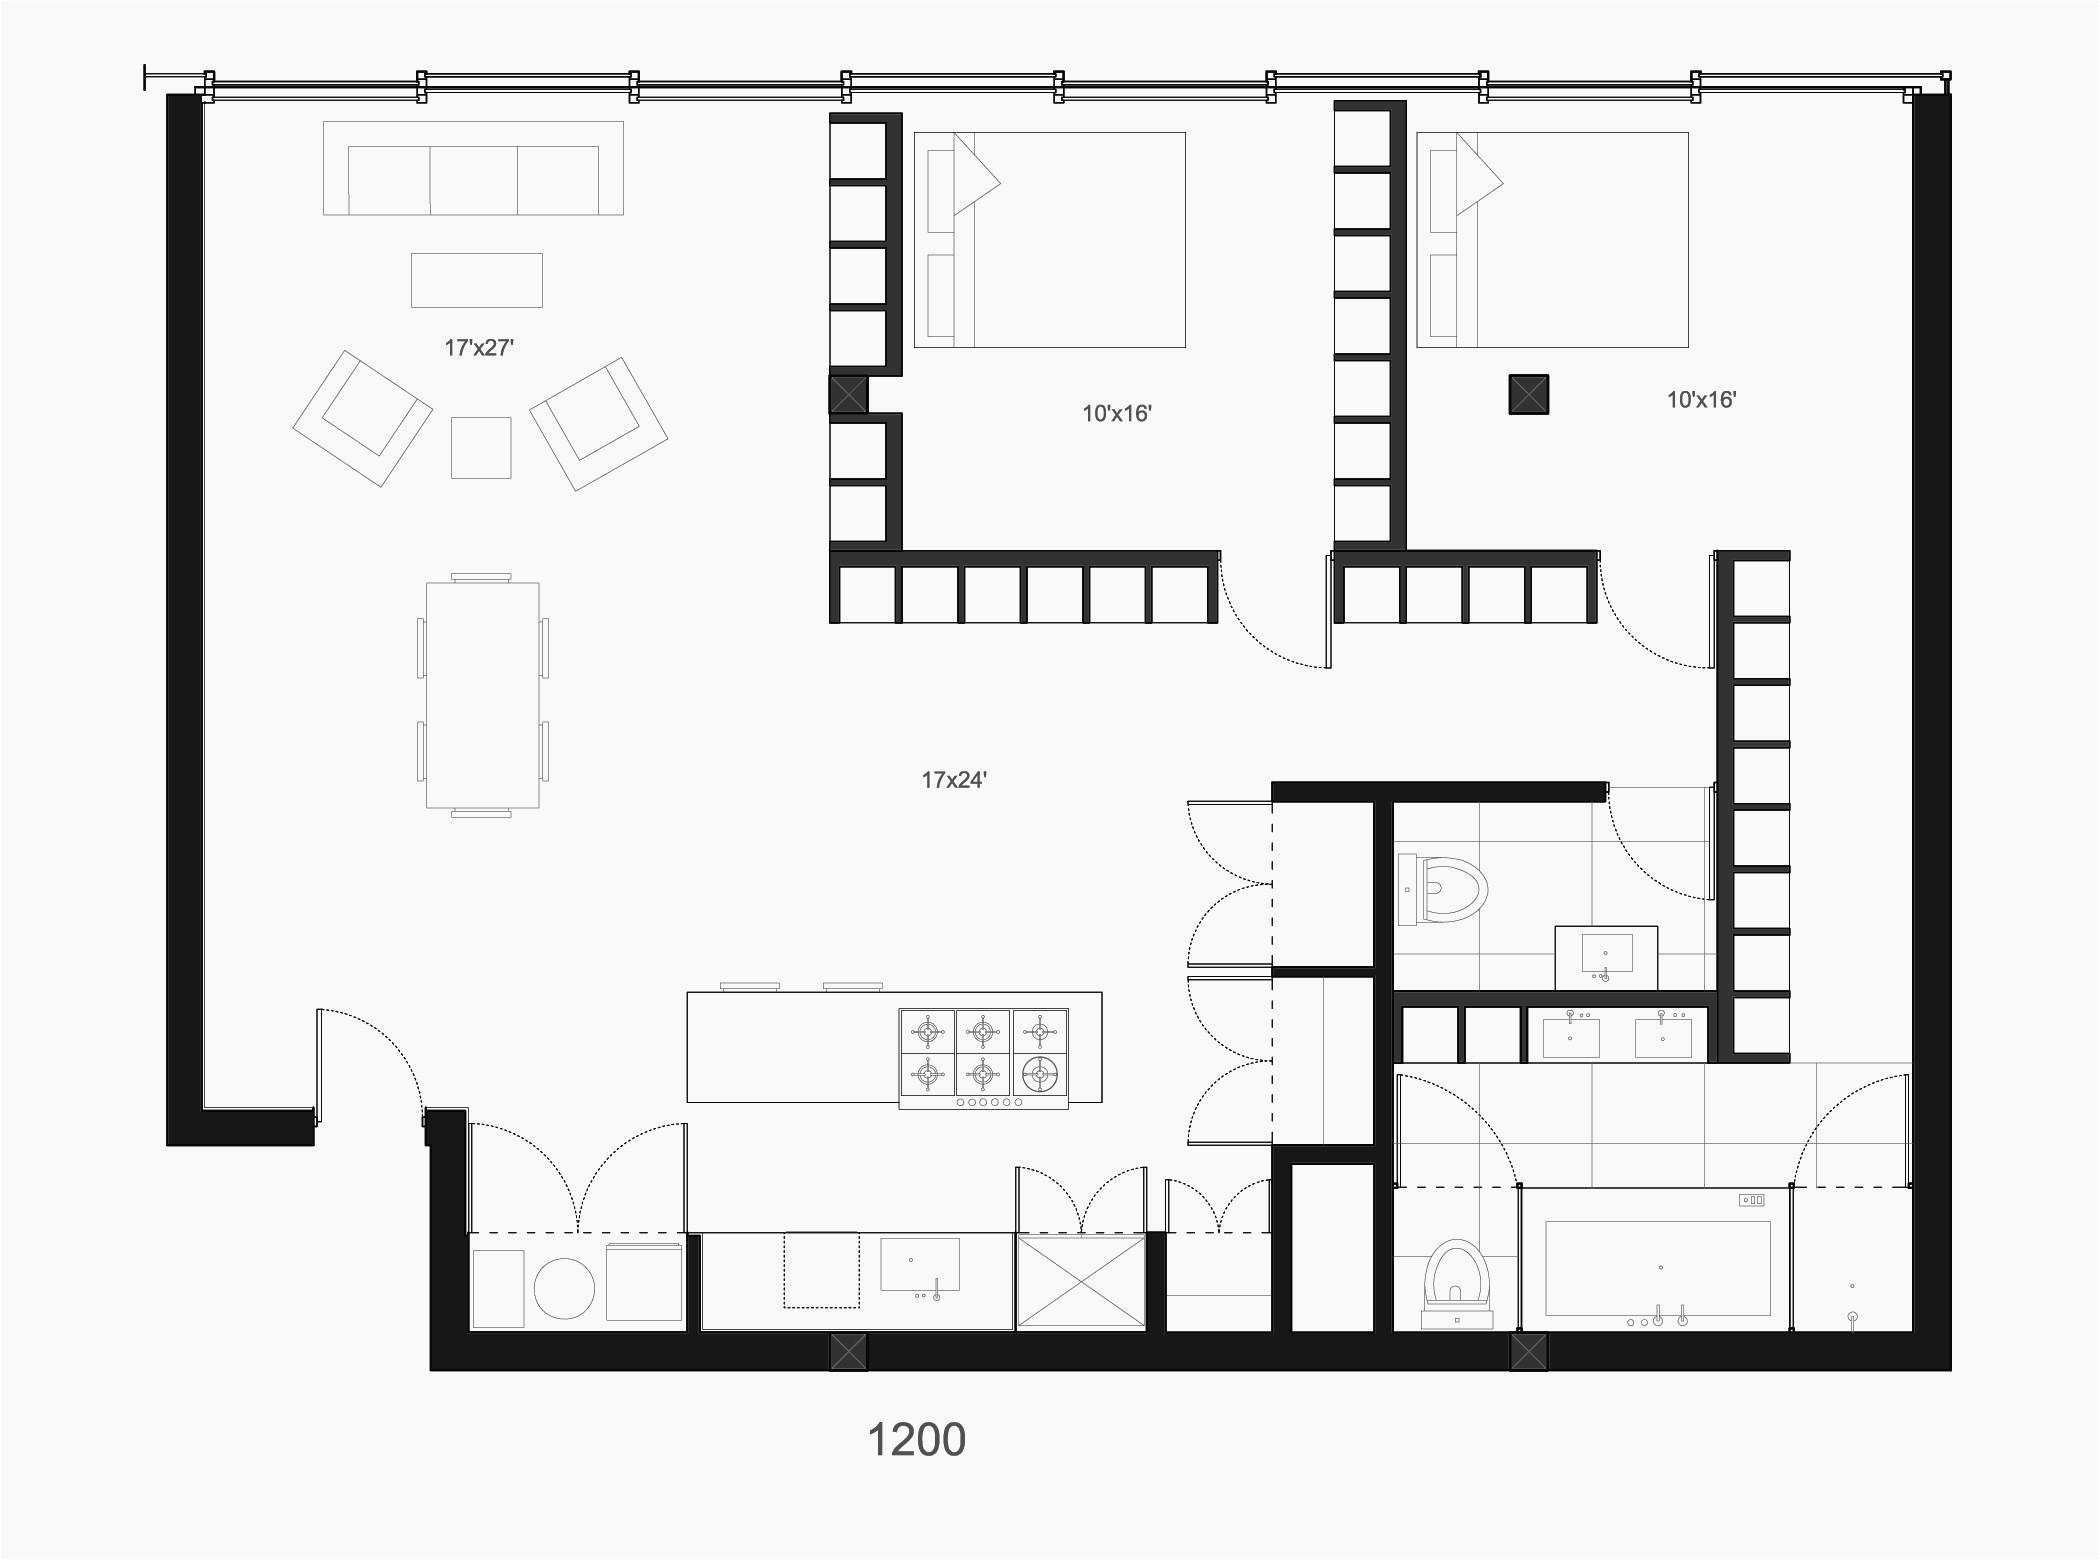 duplex house plans 3500 sq ft